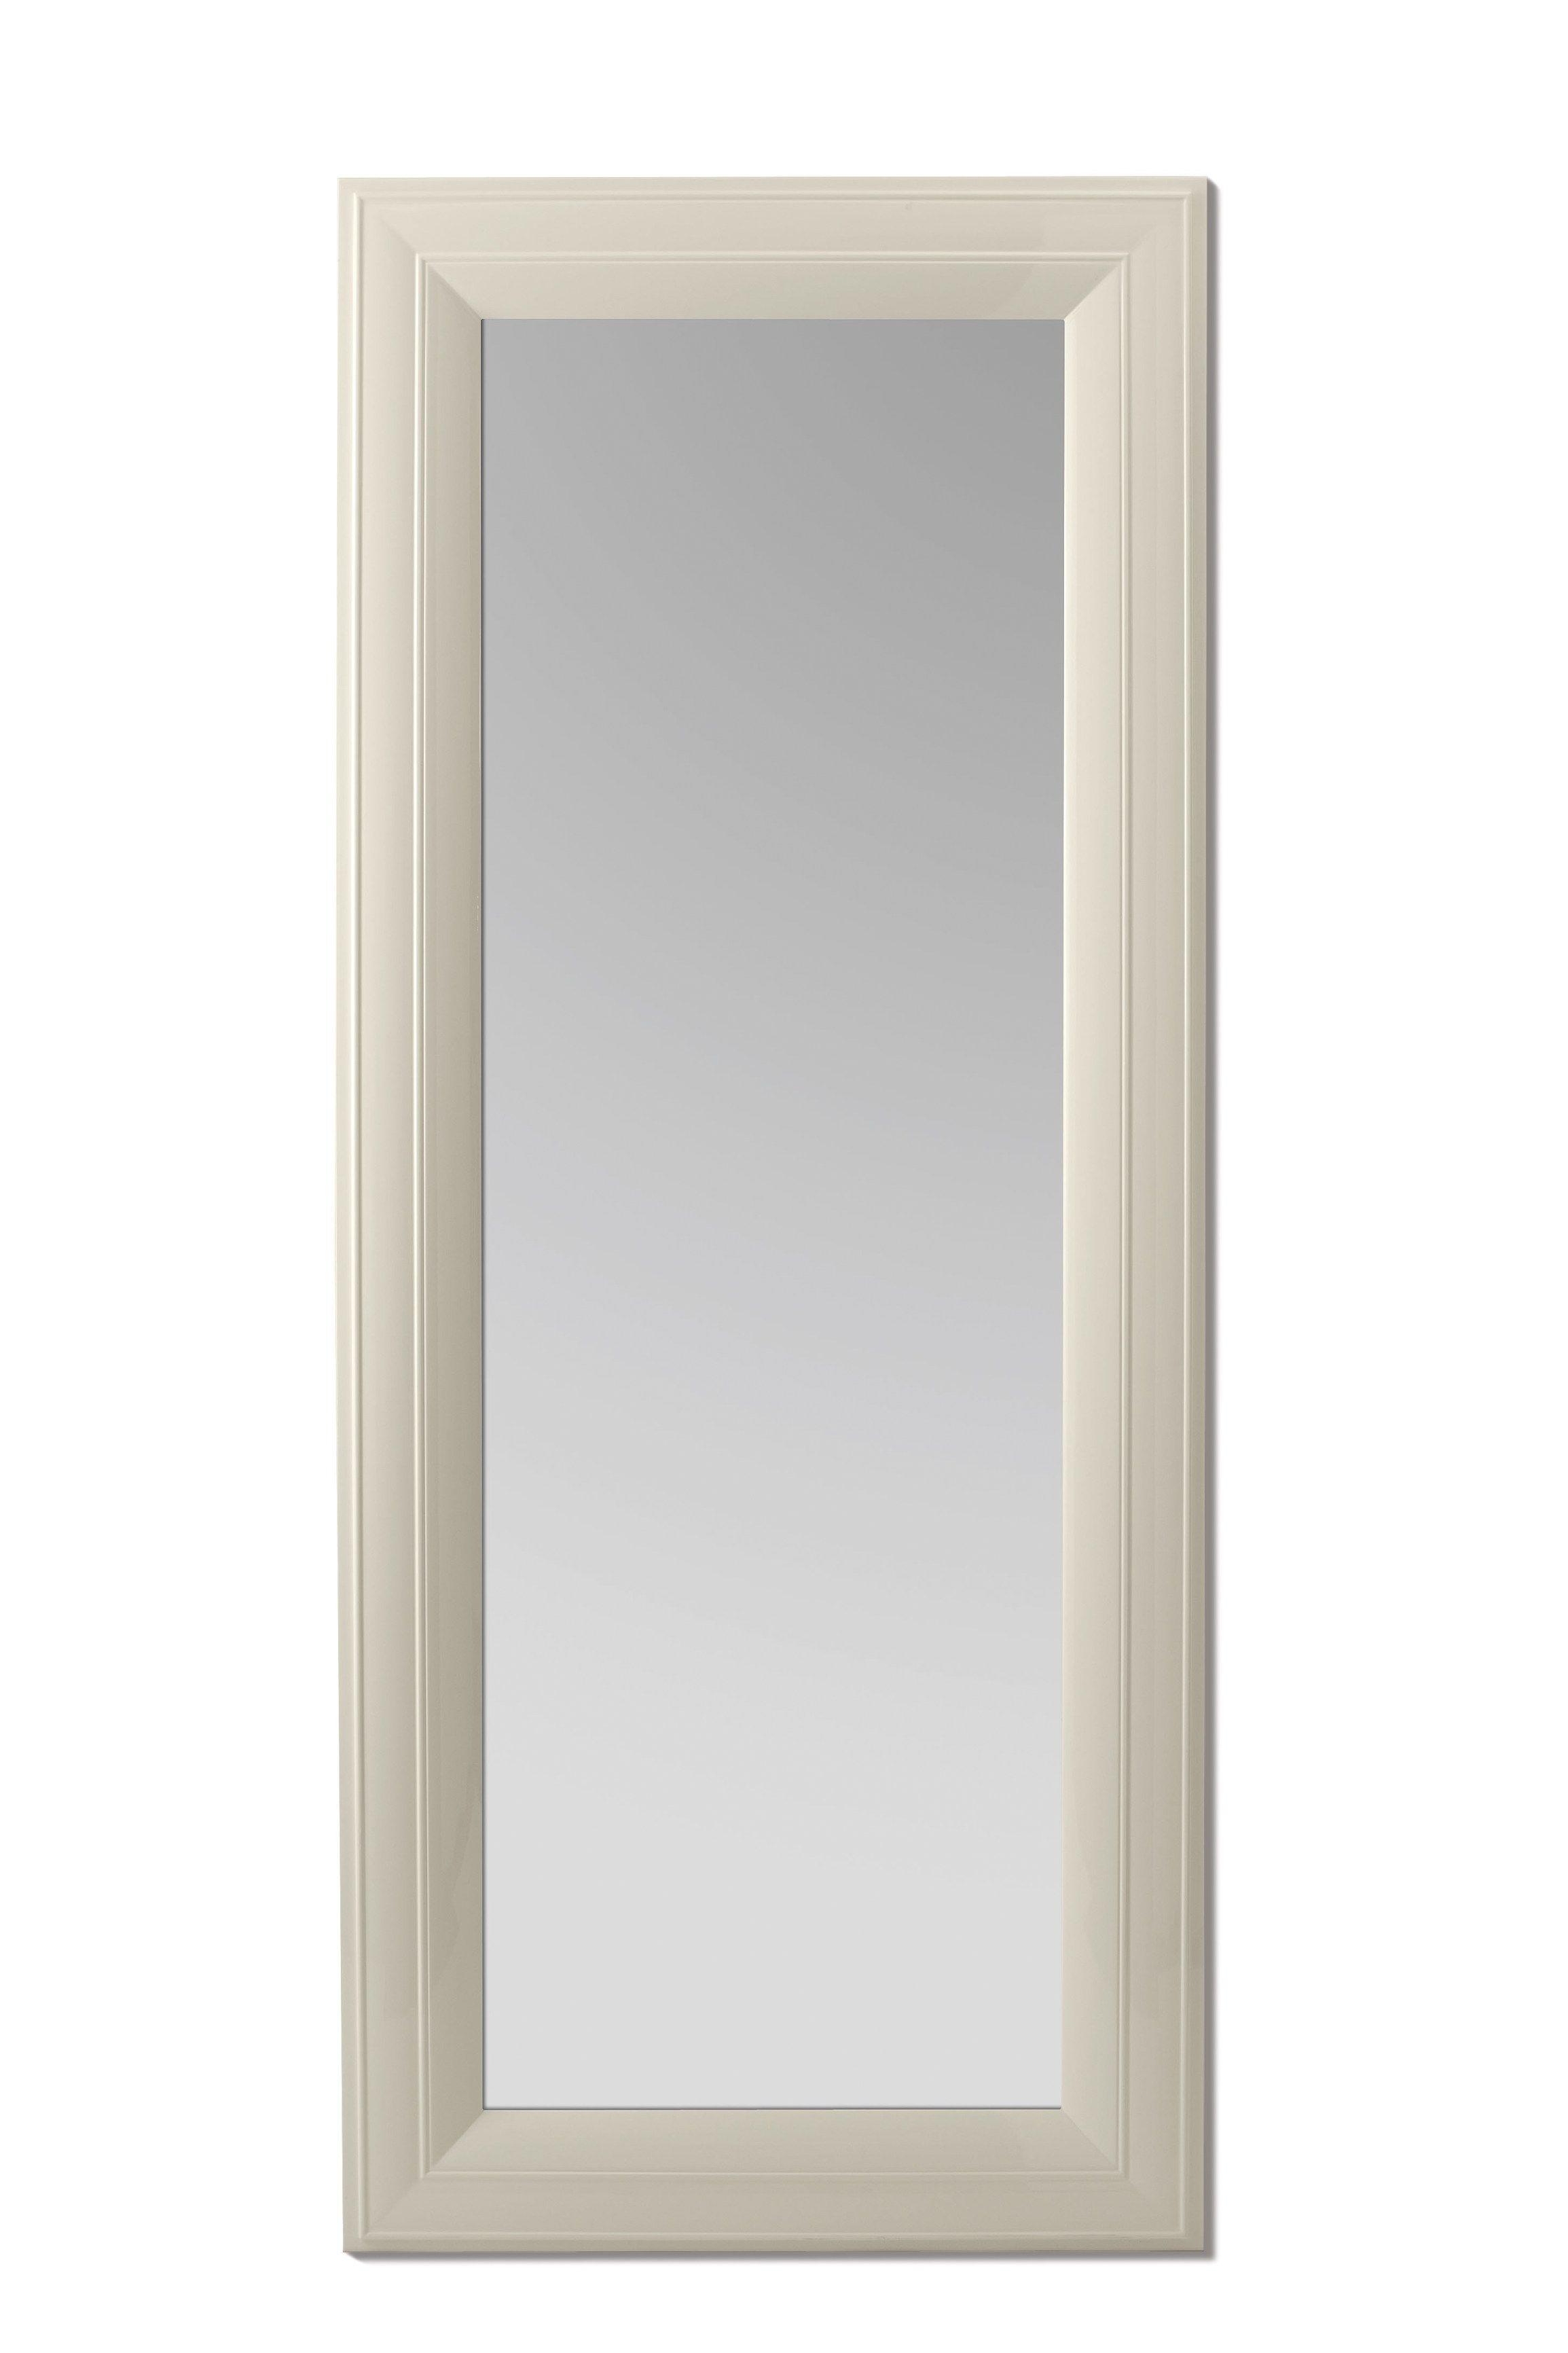 Richard specchio by cantori - Specchio verticale ...